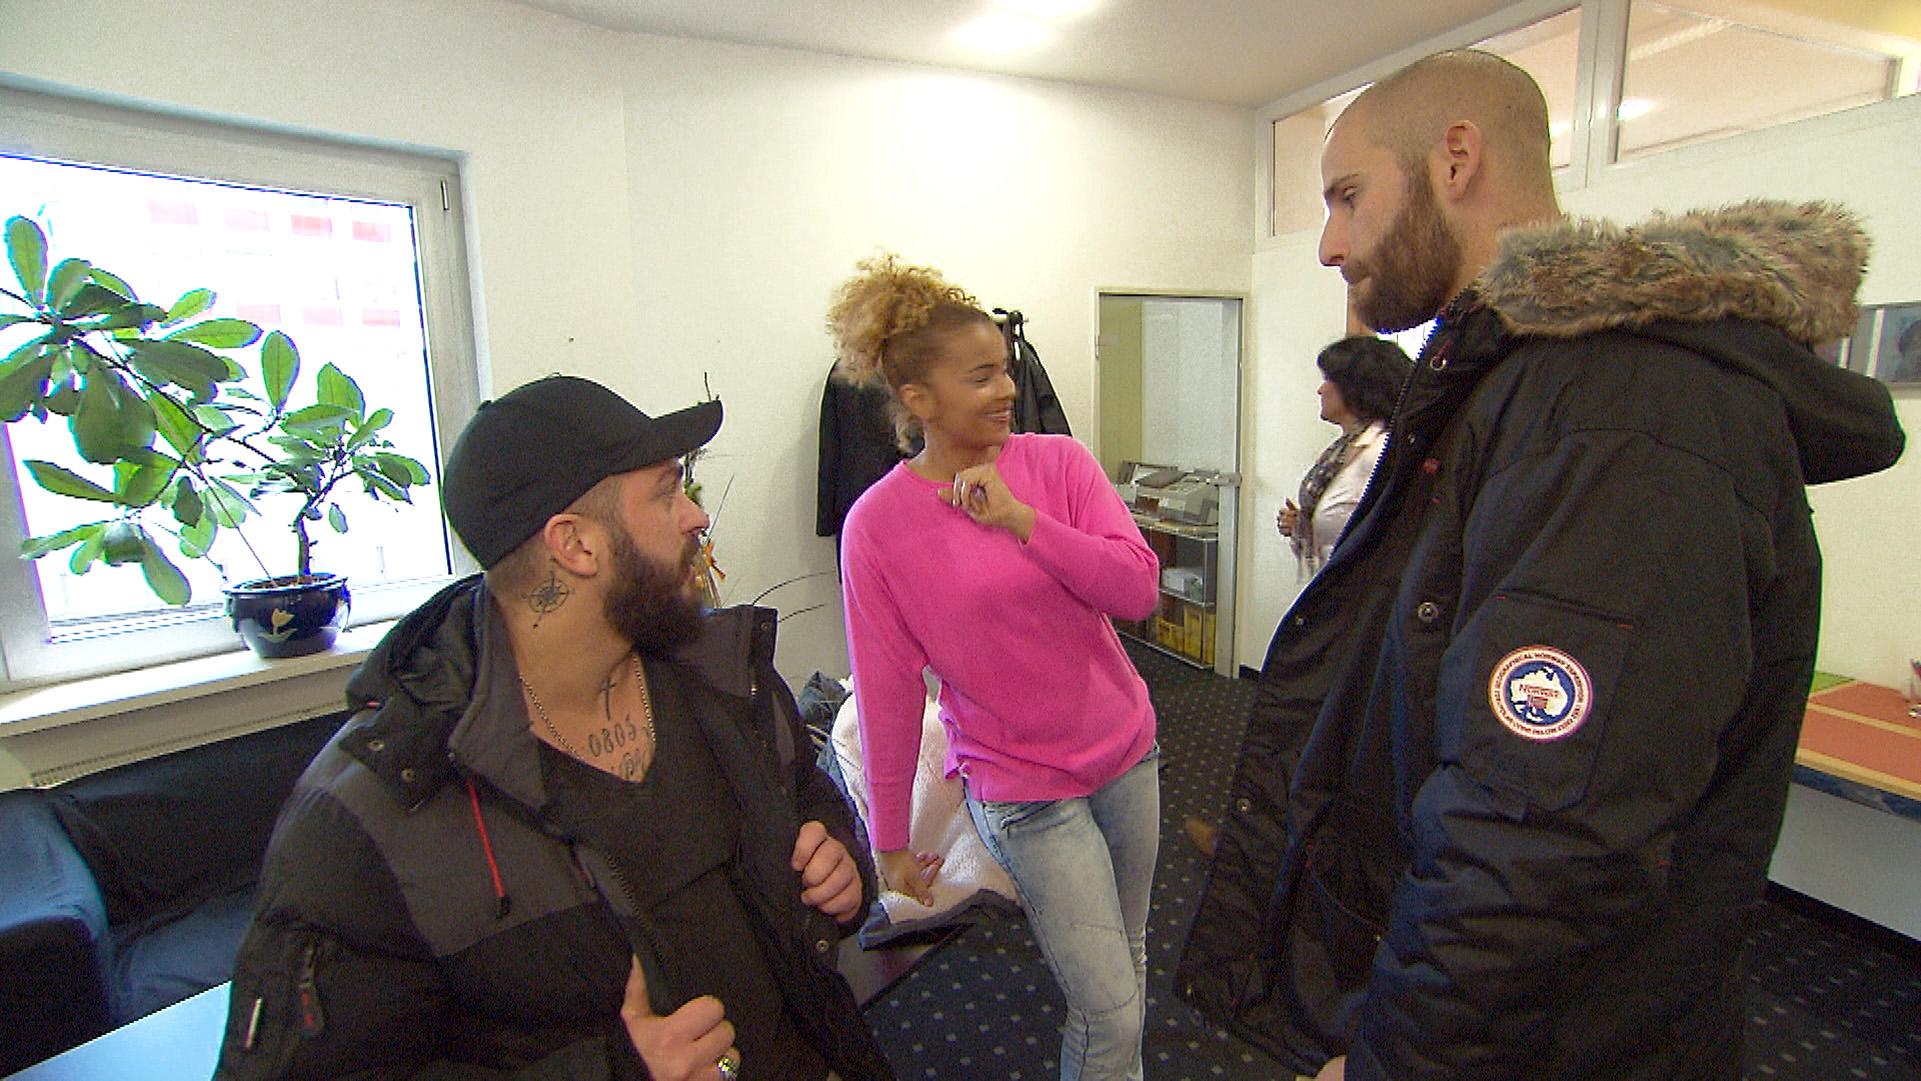 Sam überzeugt Bruno (li.)und Patrick (re.), sie zu einem Erste-Hilfe-Kurs zu begleiten... (Quelle: RTL 2)